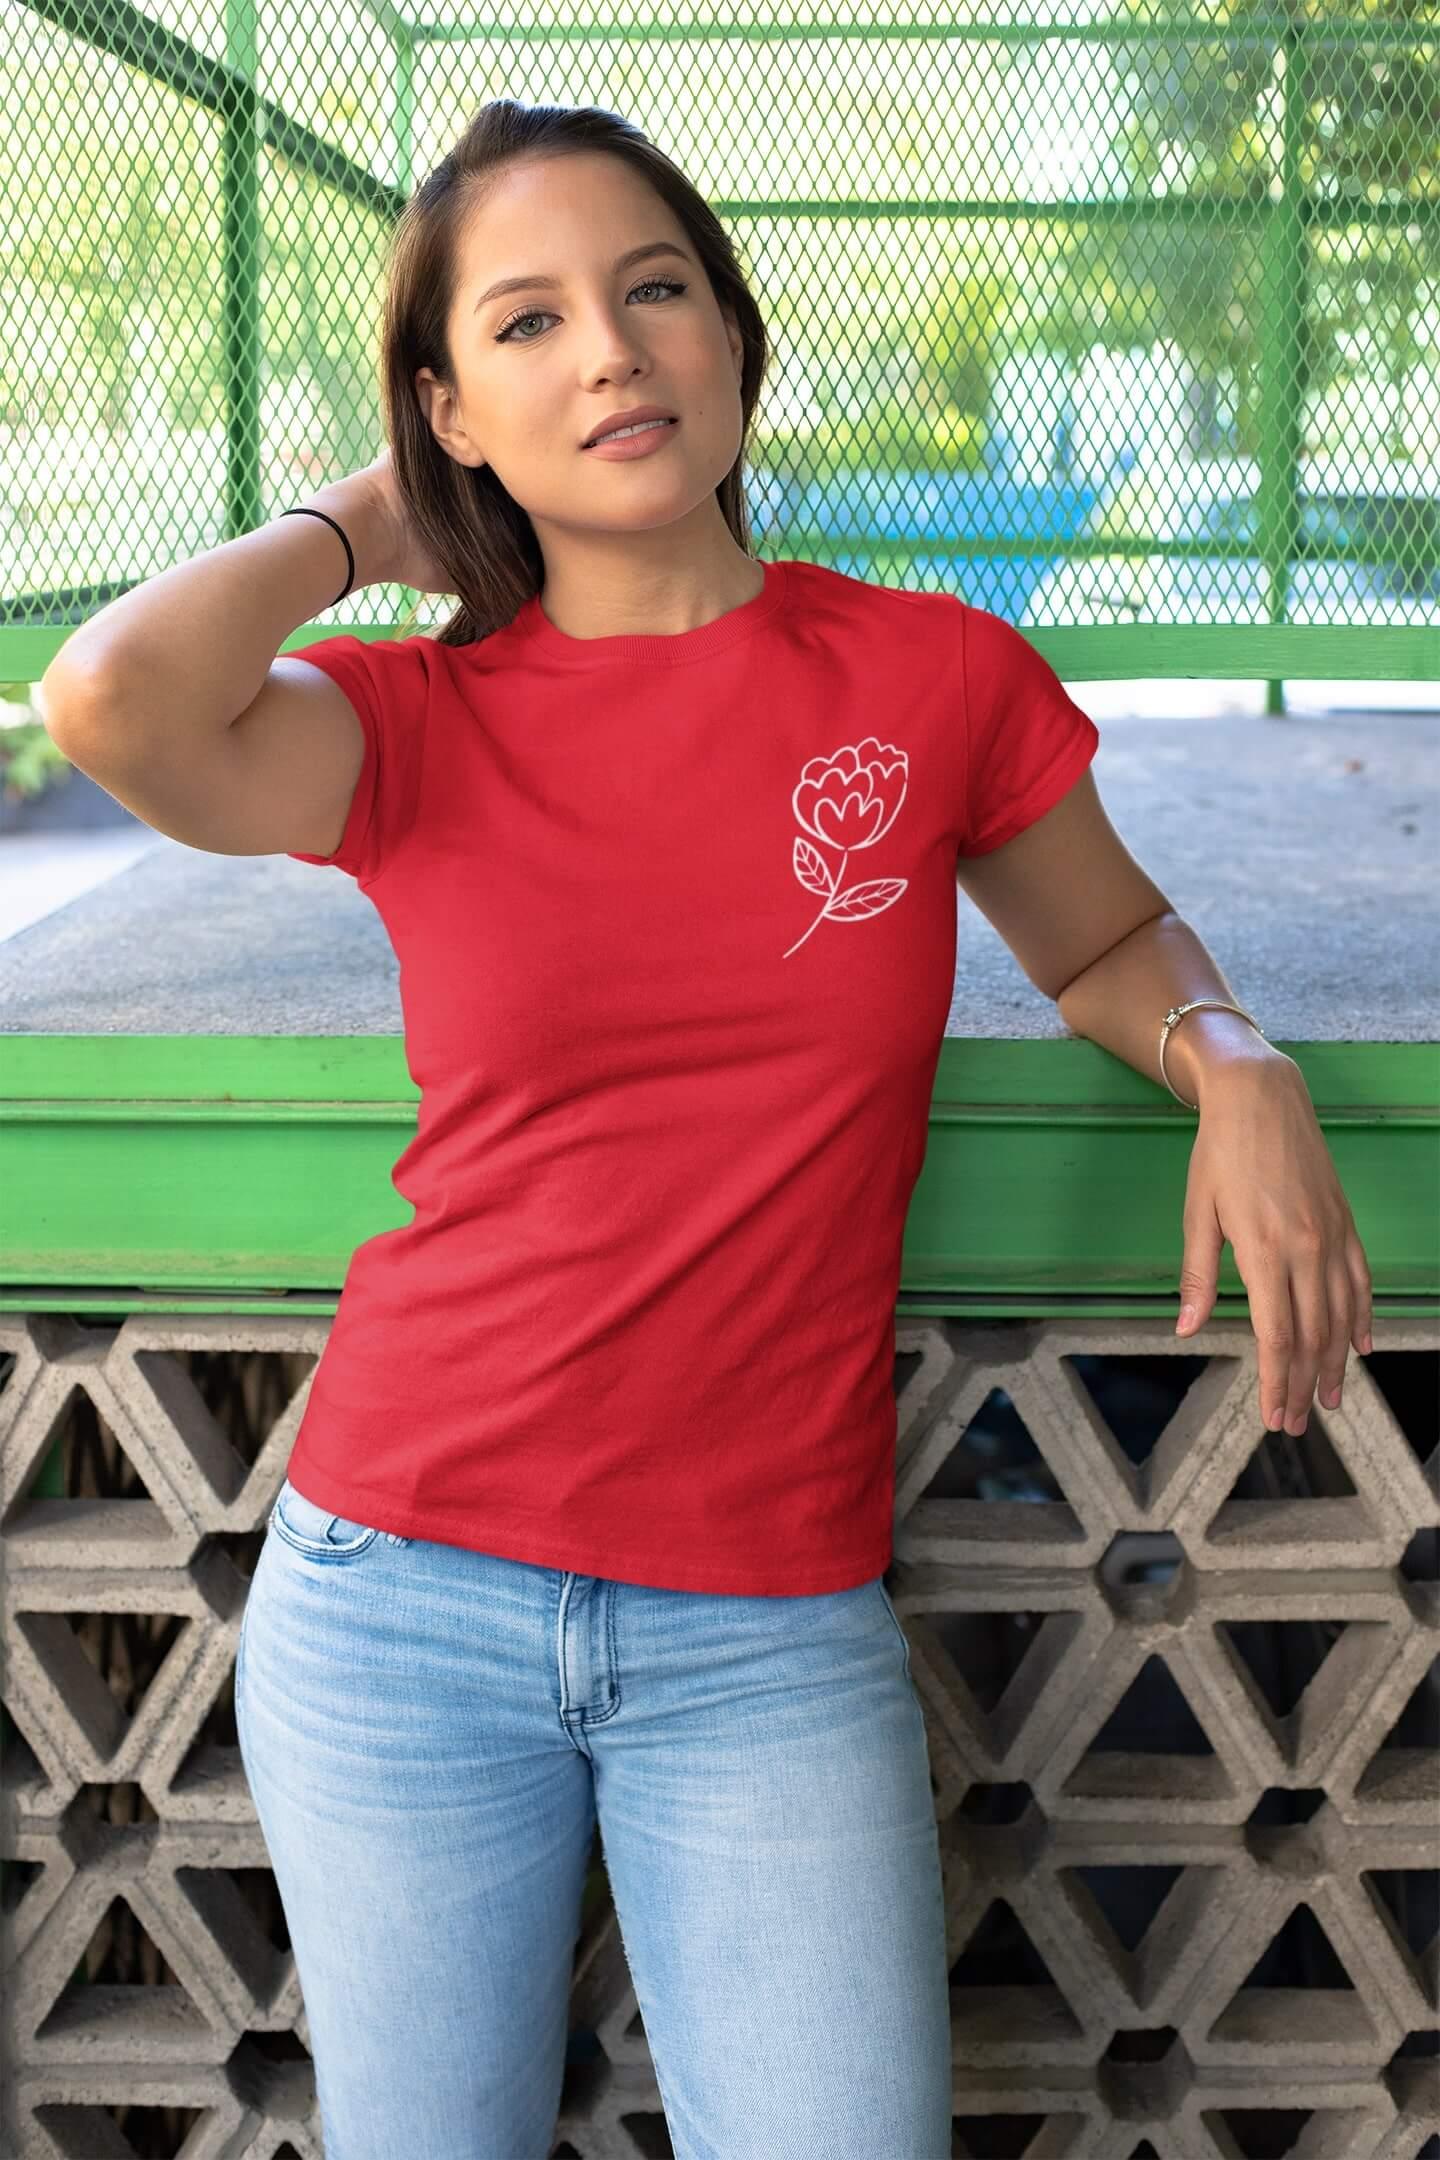 MMO Dámske tričko Kvet Vyberte farbu: Červená, Dámska veľkosť: M